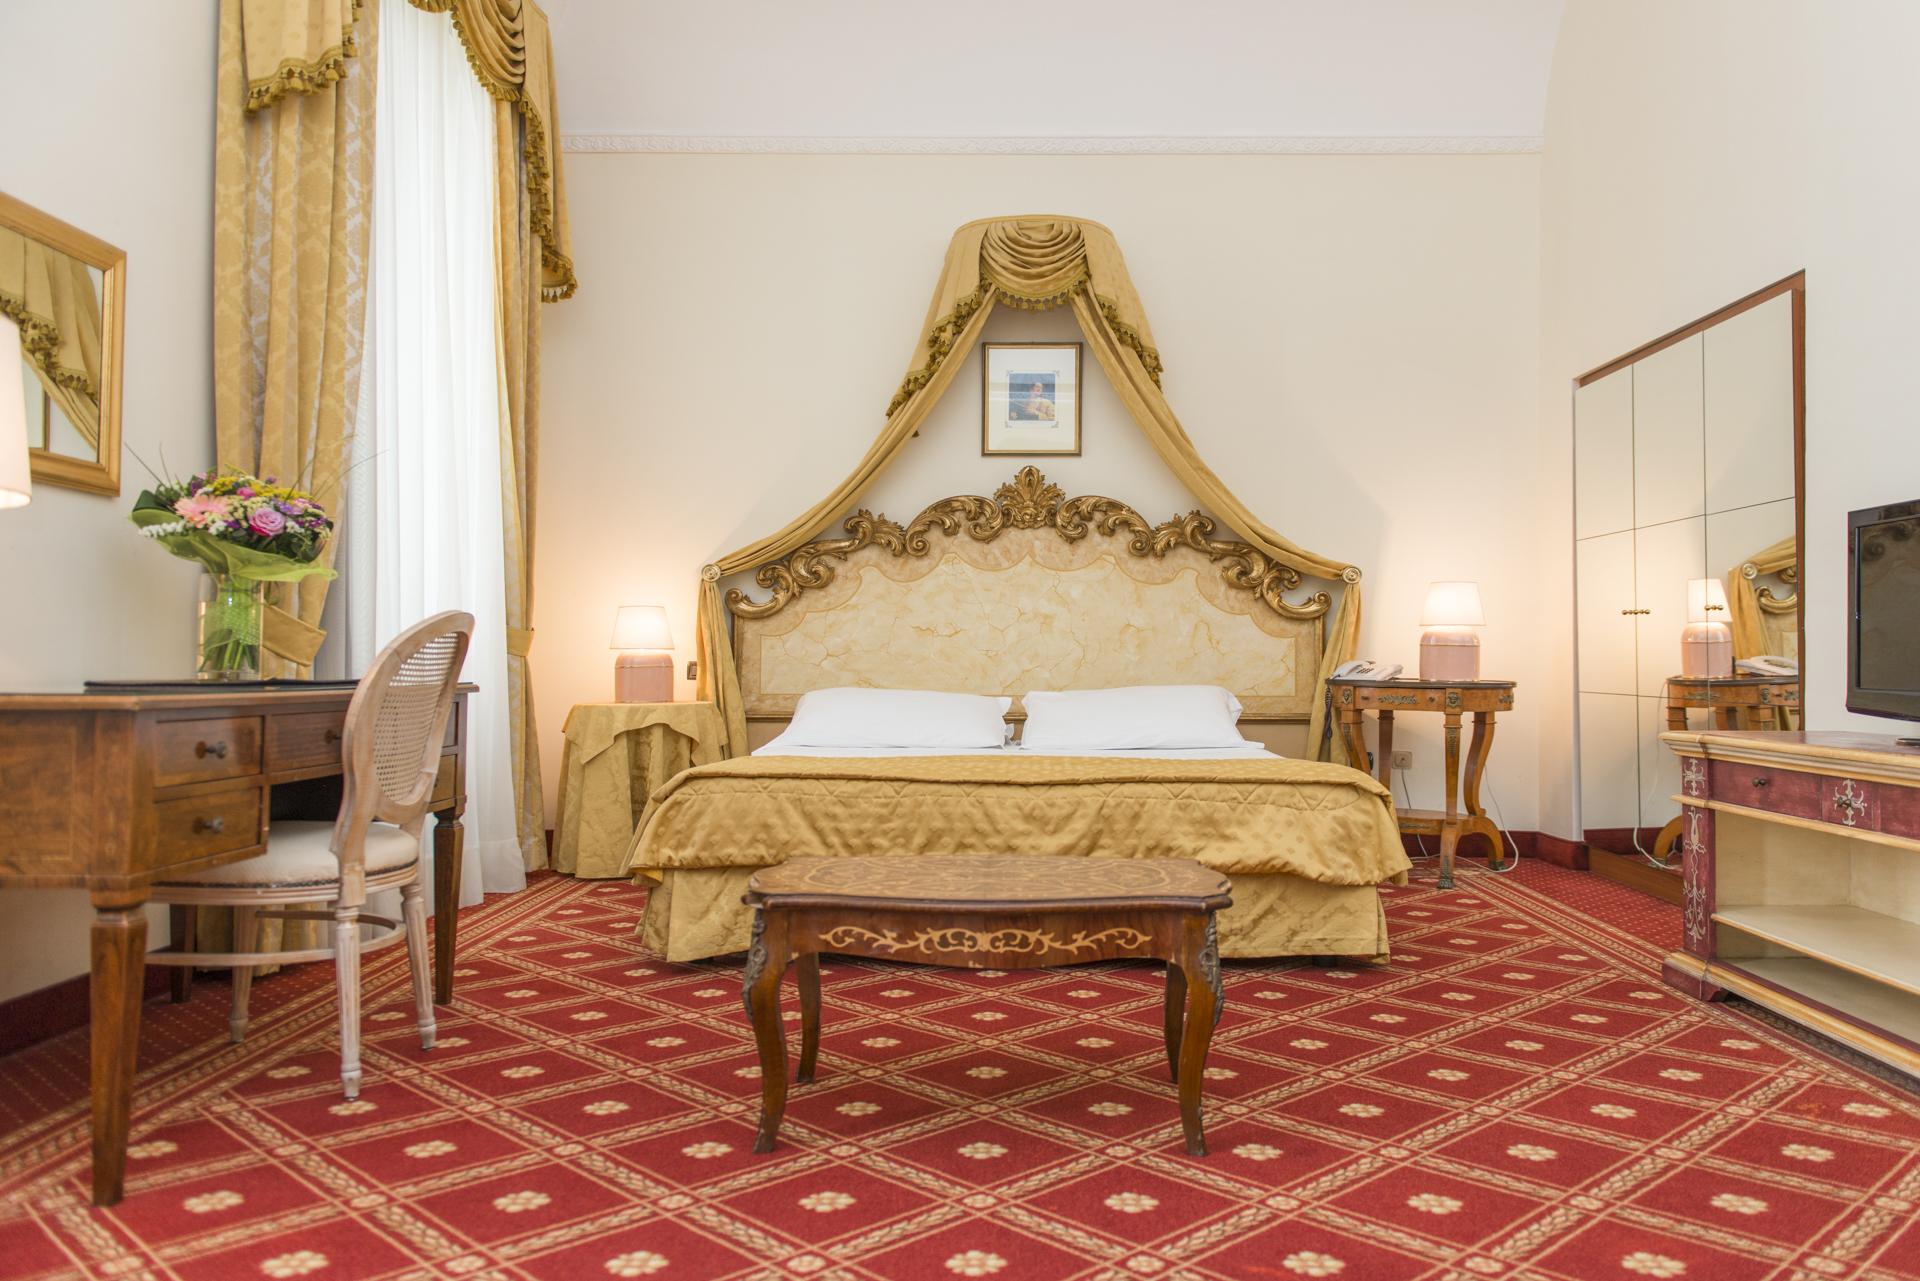 Grand Hotel Intrnazionale - Brindisi_-2